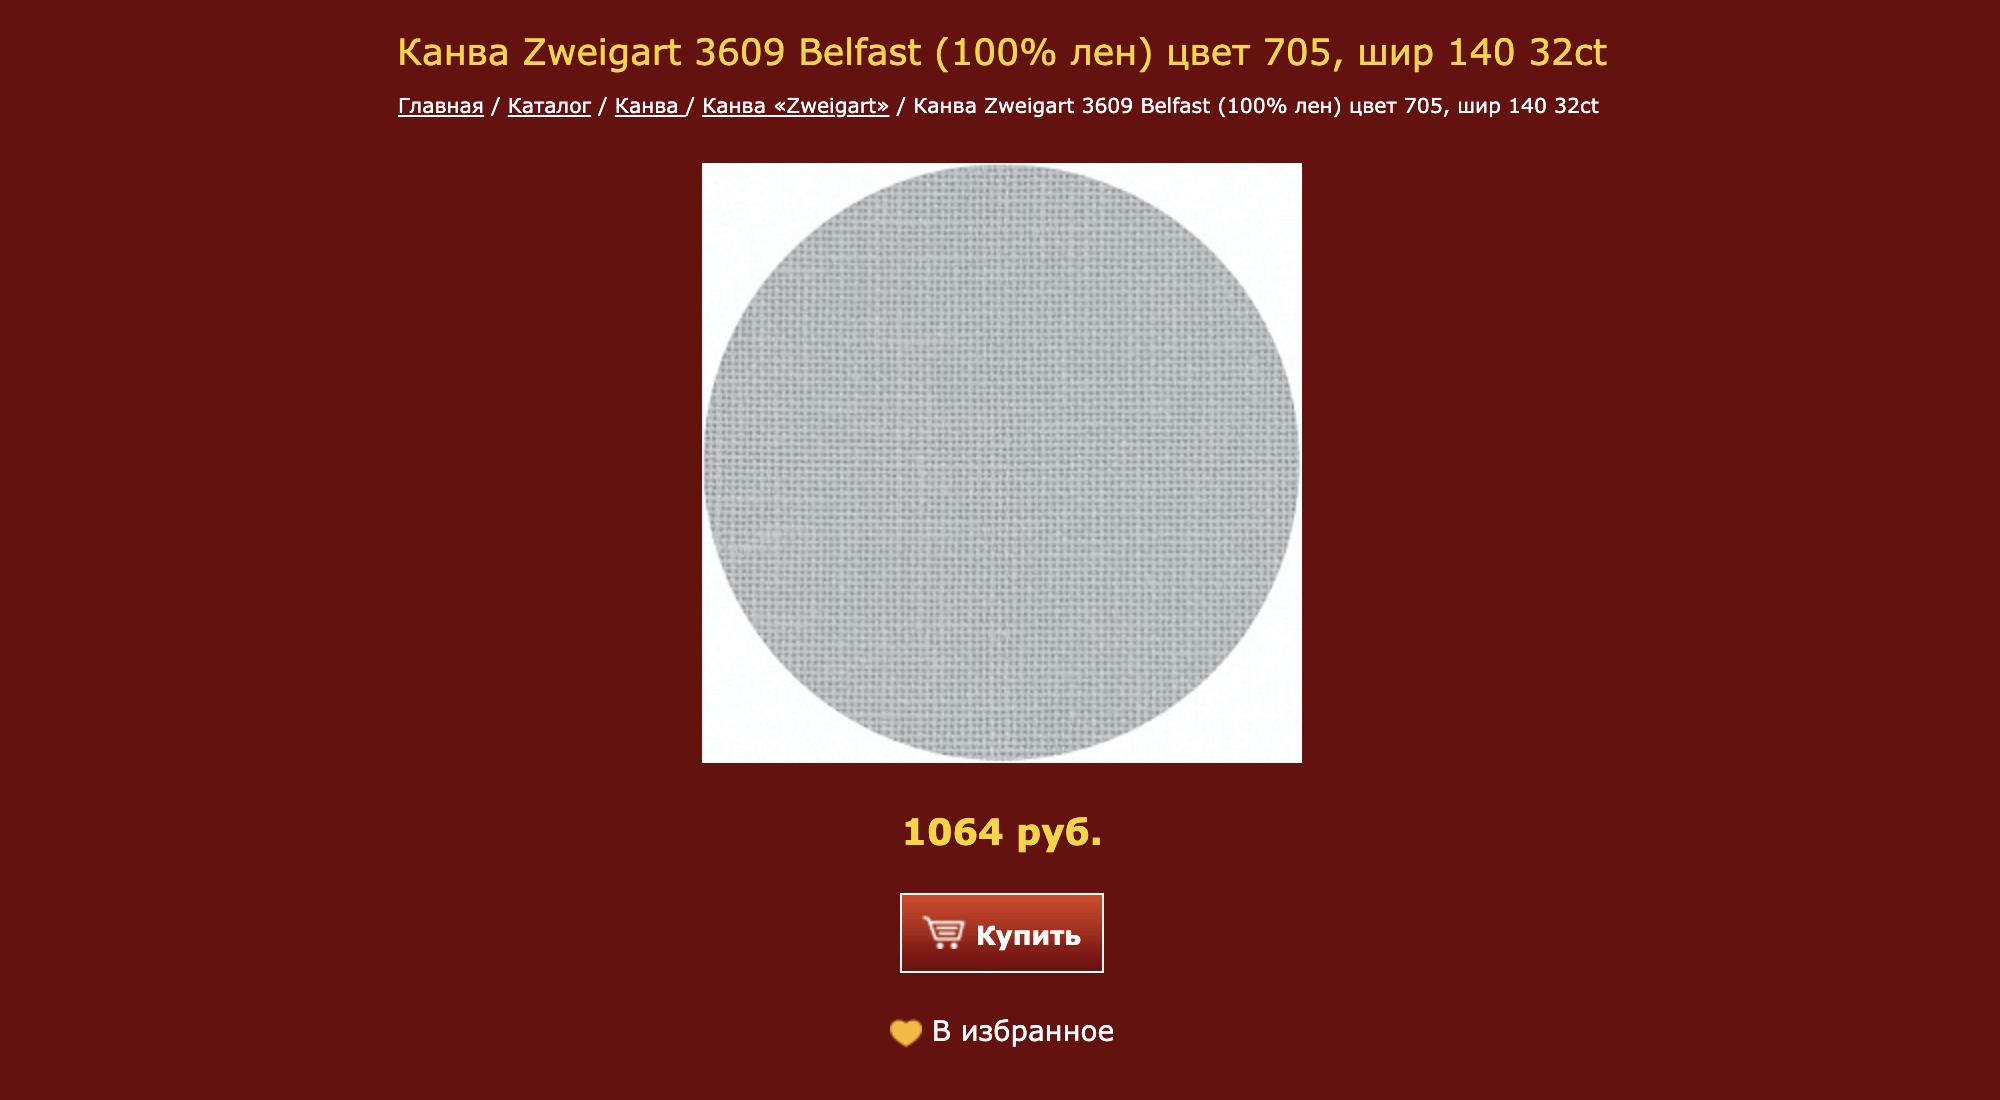 Лен Zweigart 50 × 70 см — 962<span class=ruble>Р</span> в магазине «Мир Вышивки». Это пример равномерной канвы, вышивать на такой немного сложнее